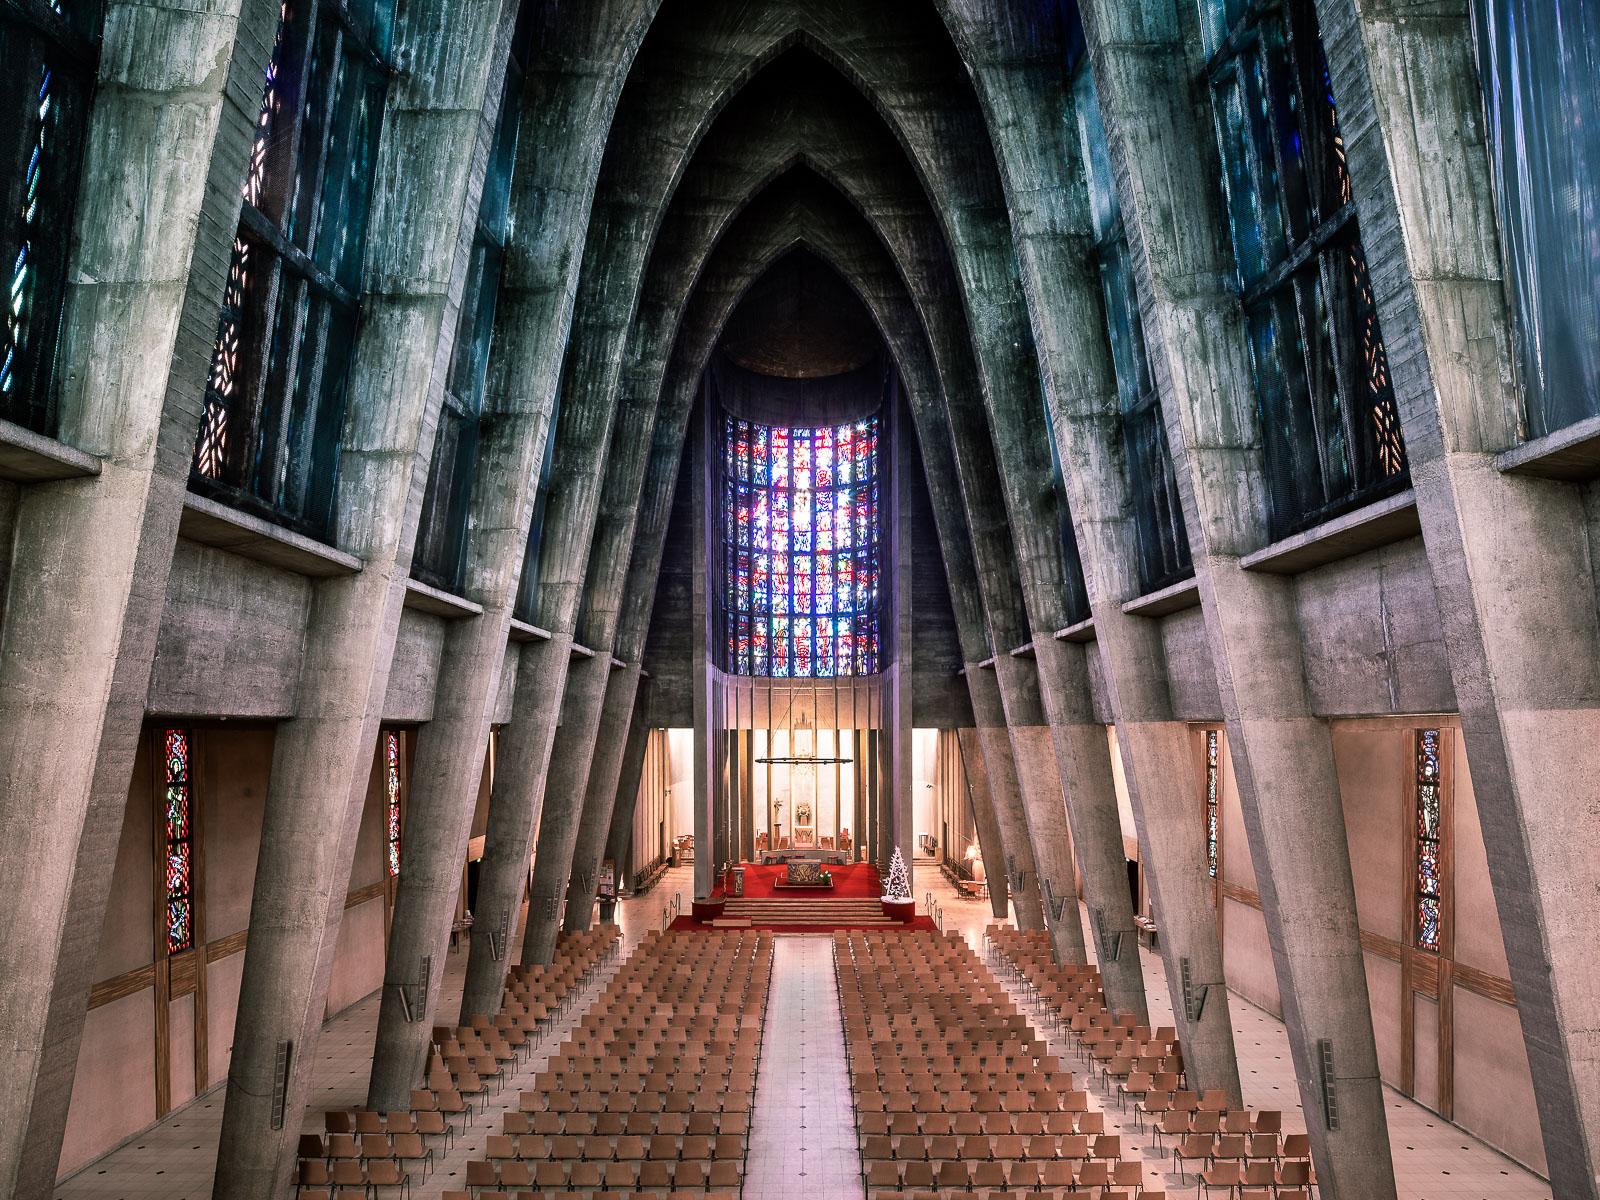 Sainte-Thérèse-de-l'Enfant-Jésus, Metz, France (Roger-Henri Expert, 1959)